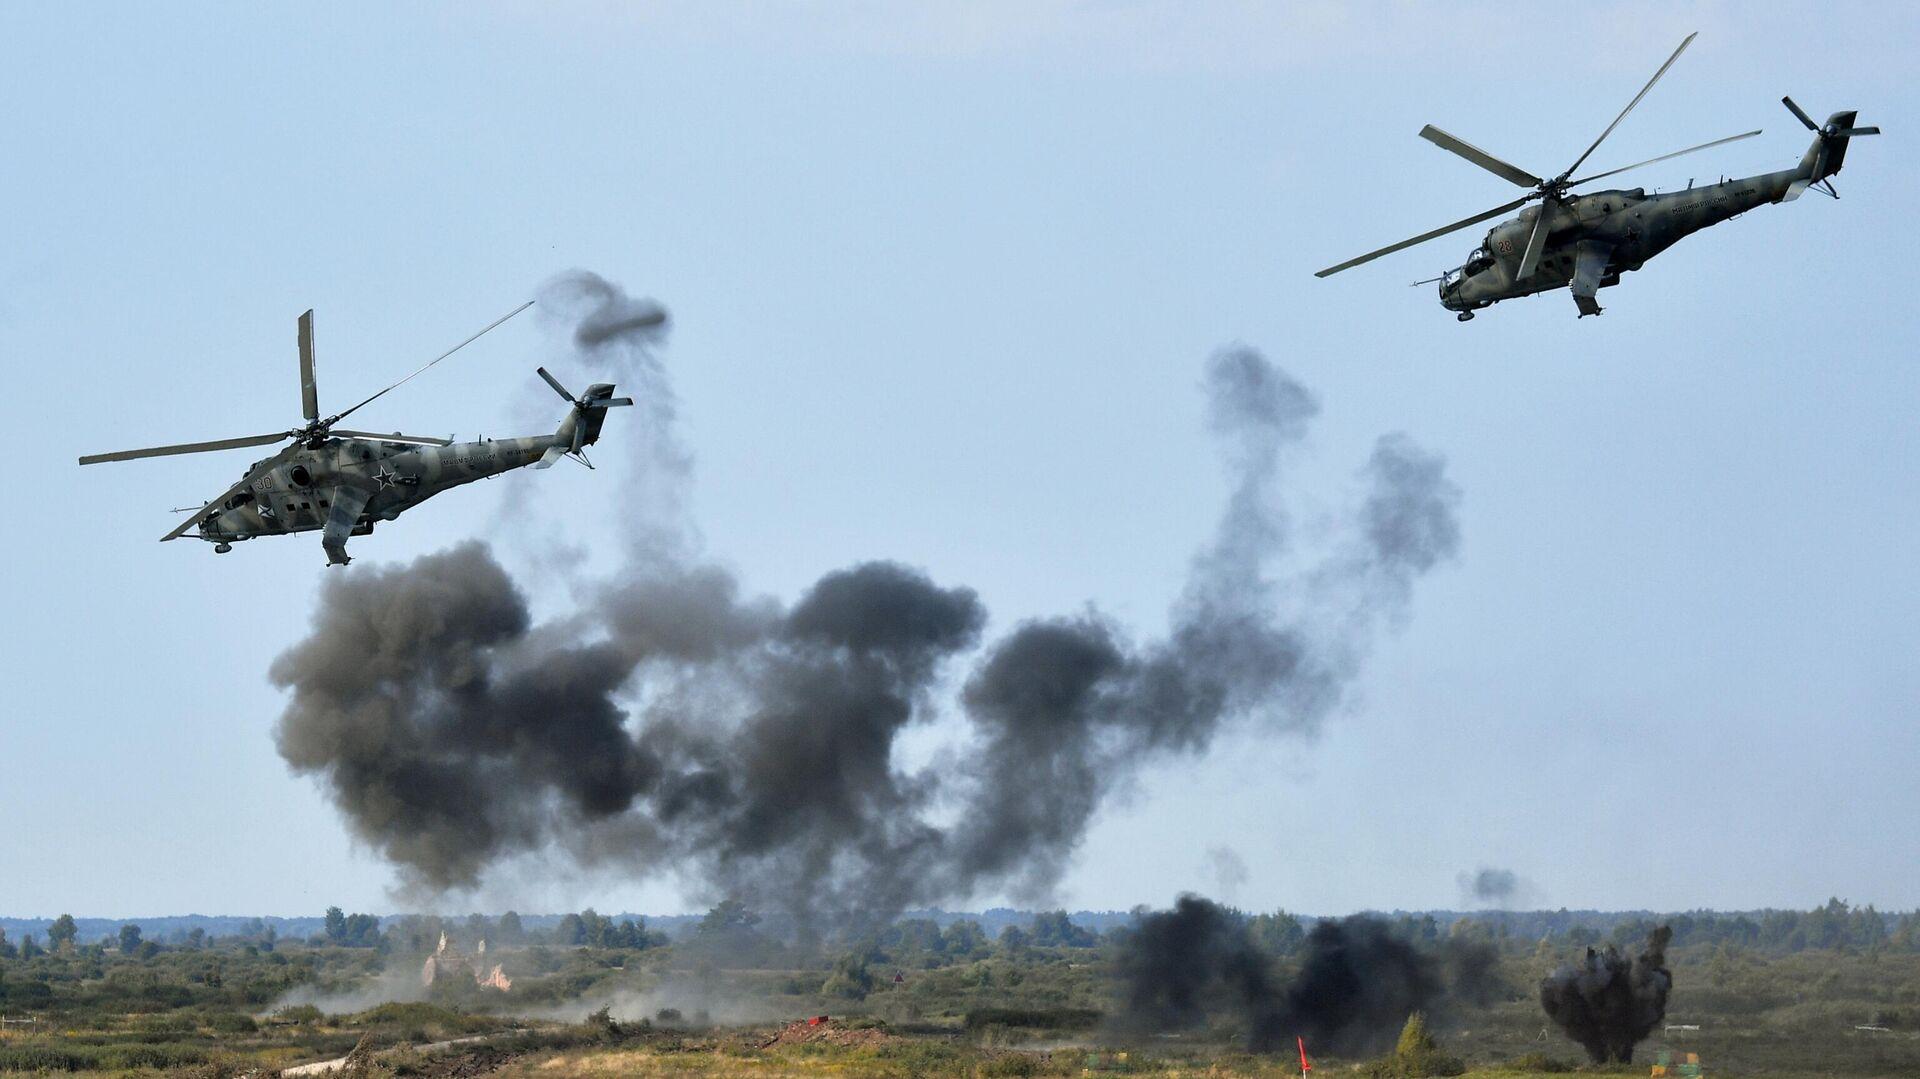 Руски хеликоптери Ми-24 на војним вежбама Запад 2021 - Sputnik Србија, 1920, 12.09.2021